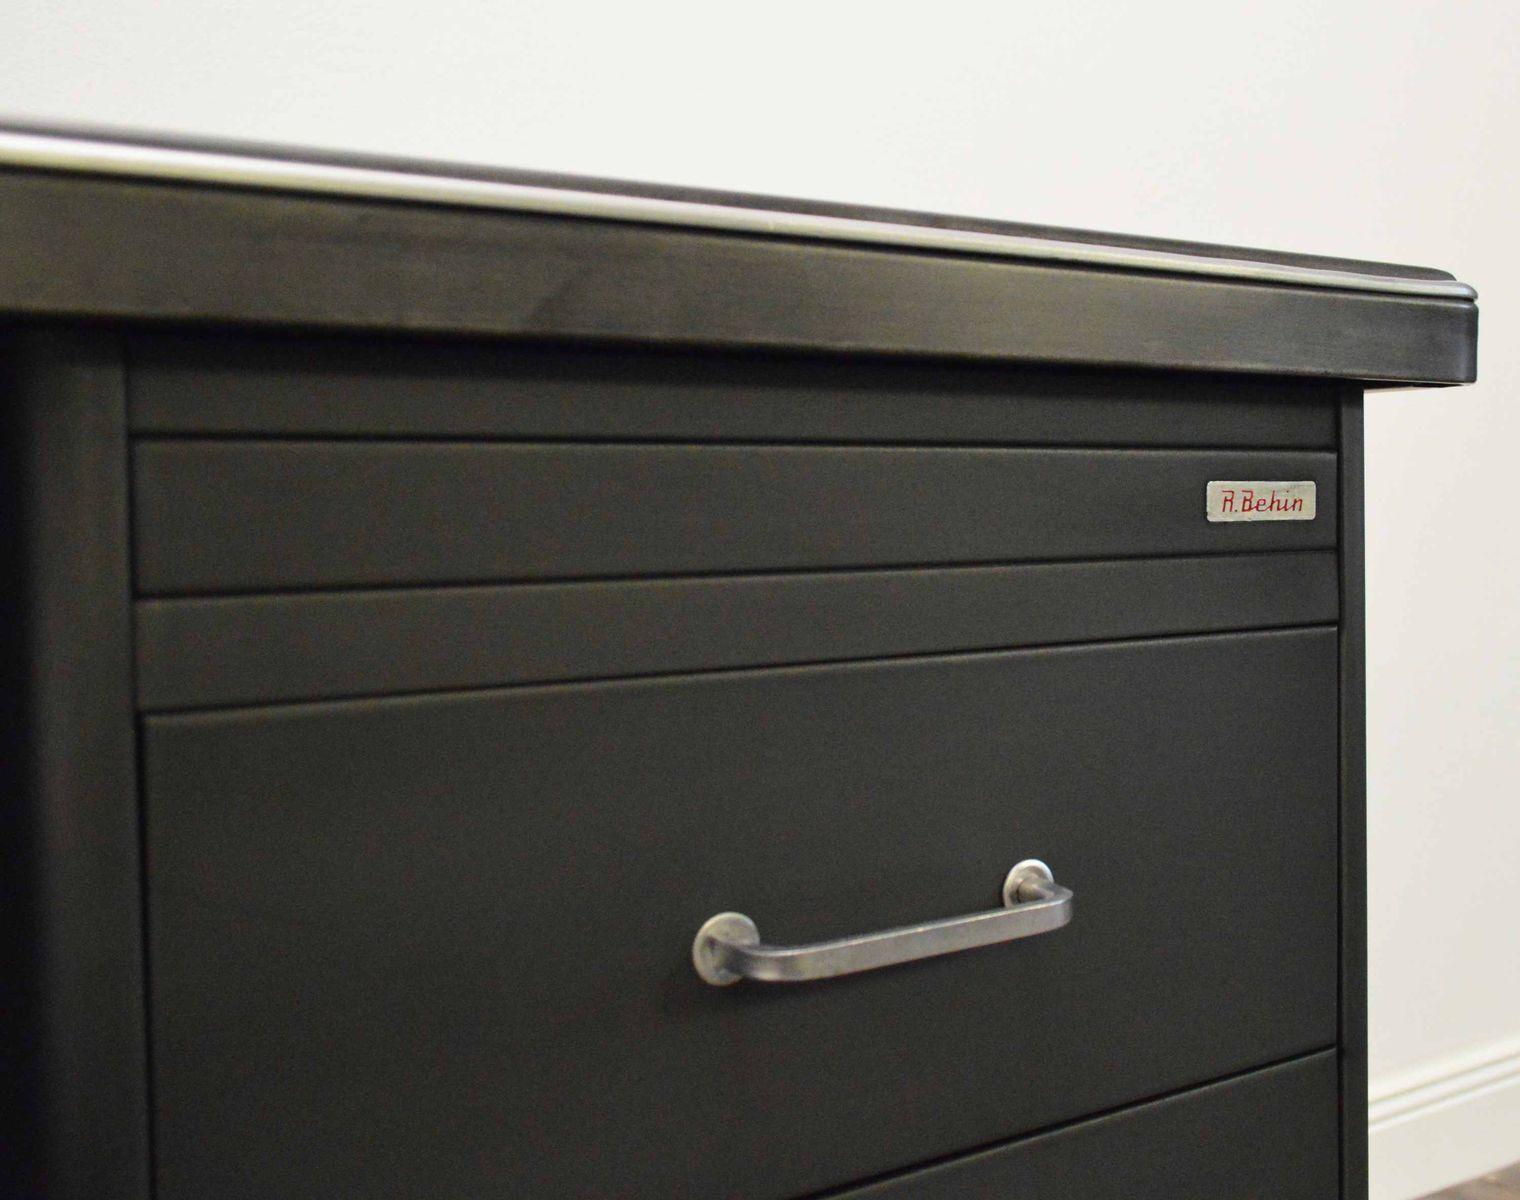 industrieller stahl schreibtisch von behin bei pamono kaufen. Black Bedroom Furniture Sets. Home Design Ideas